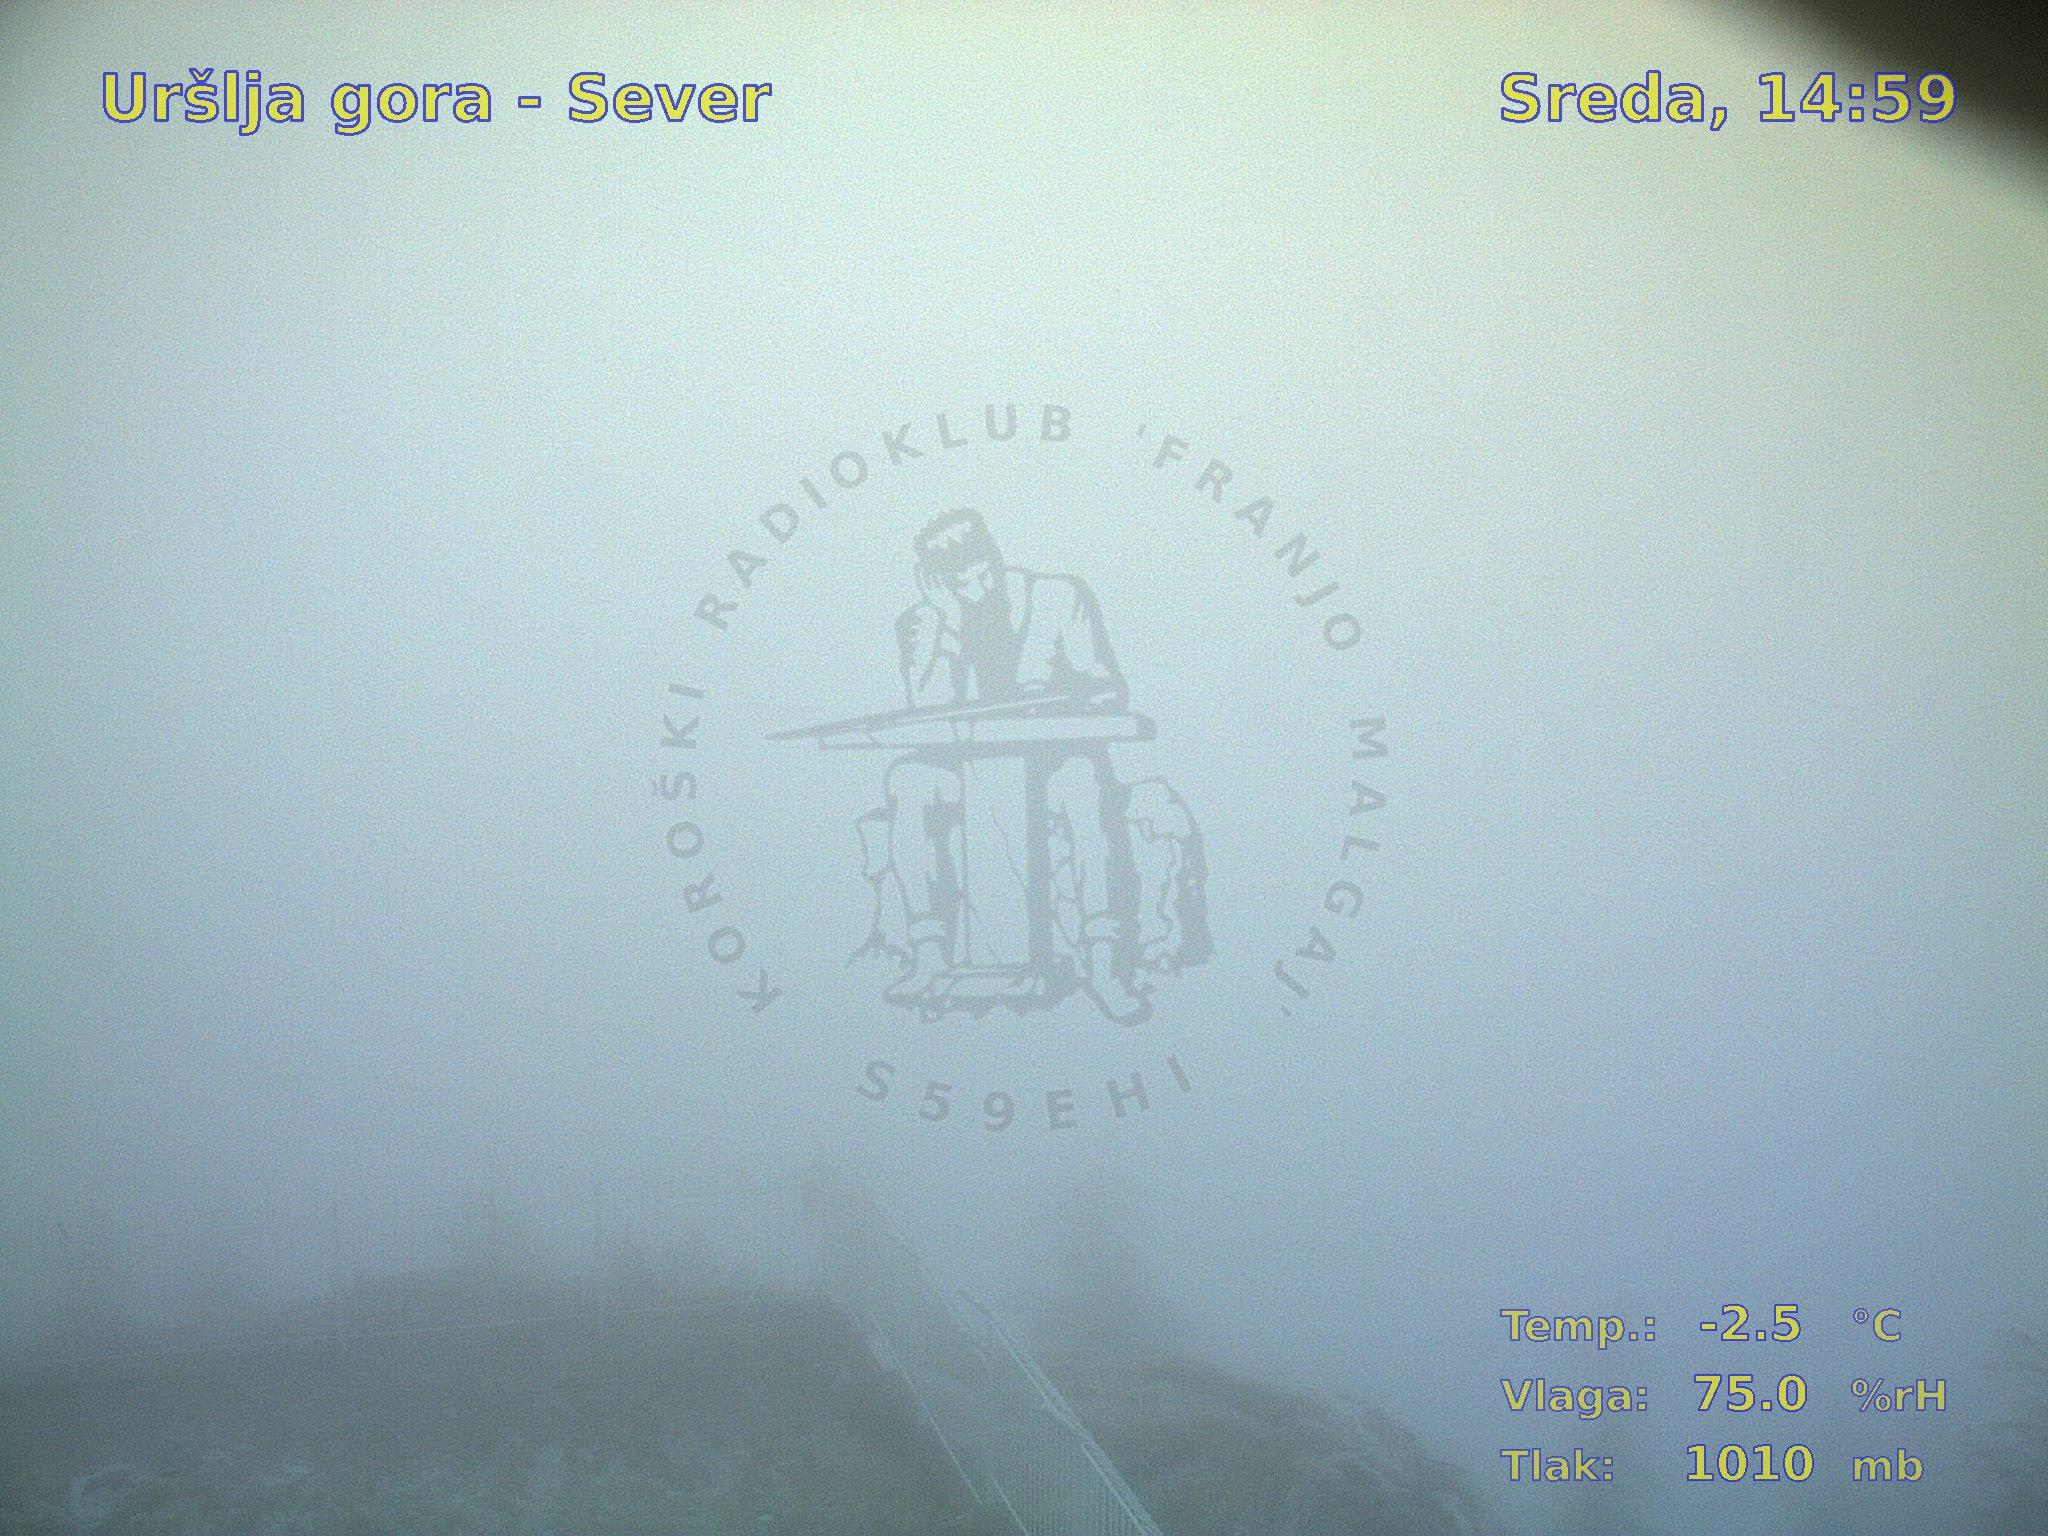 Uršlja gora-Sever, 14:00